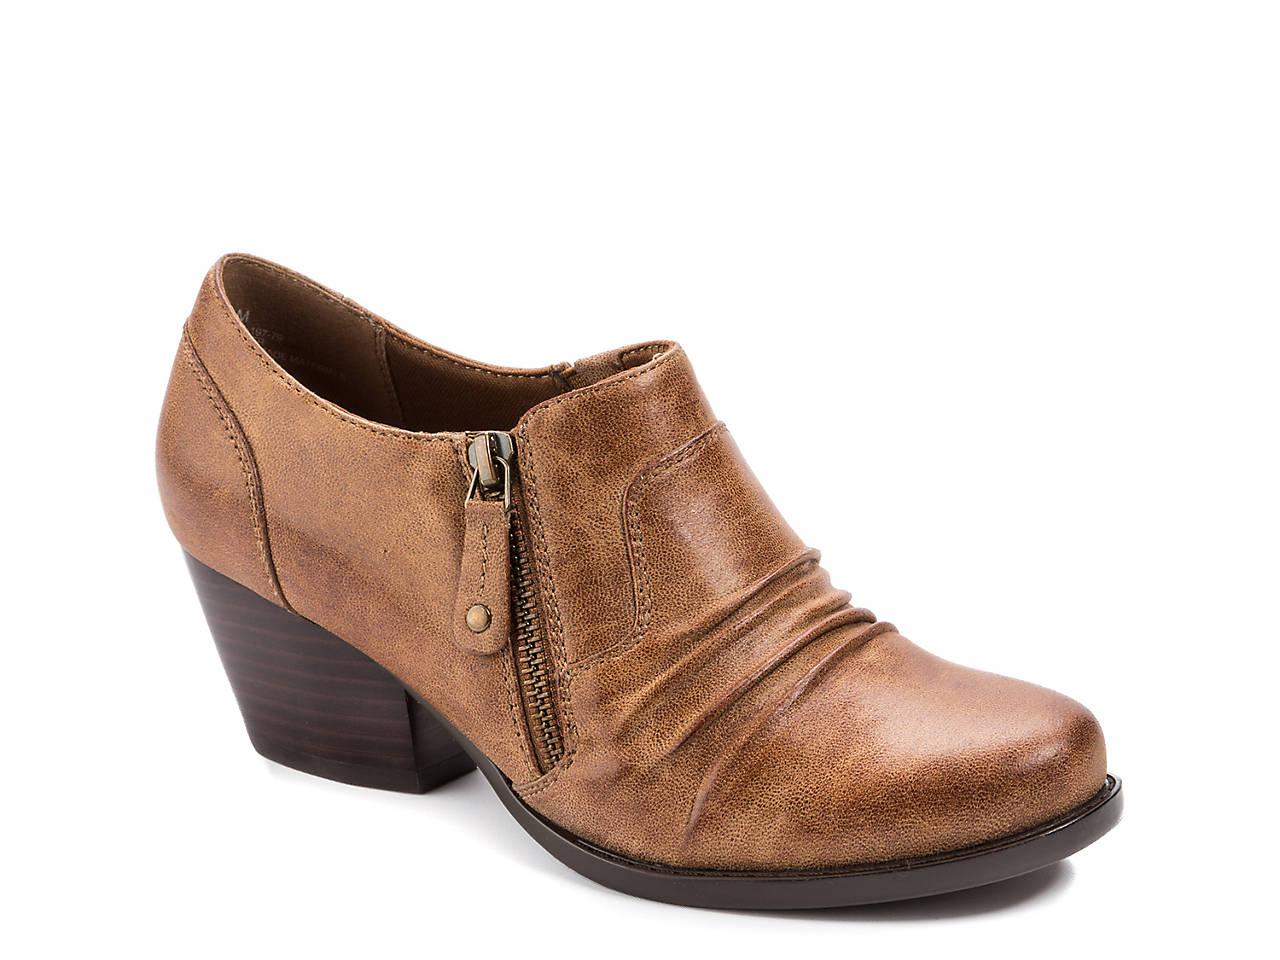 64e04f4171a9 Bare Traps Rylie Bootie Women s Shoes